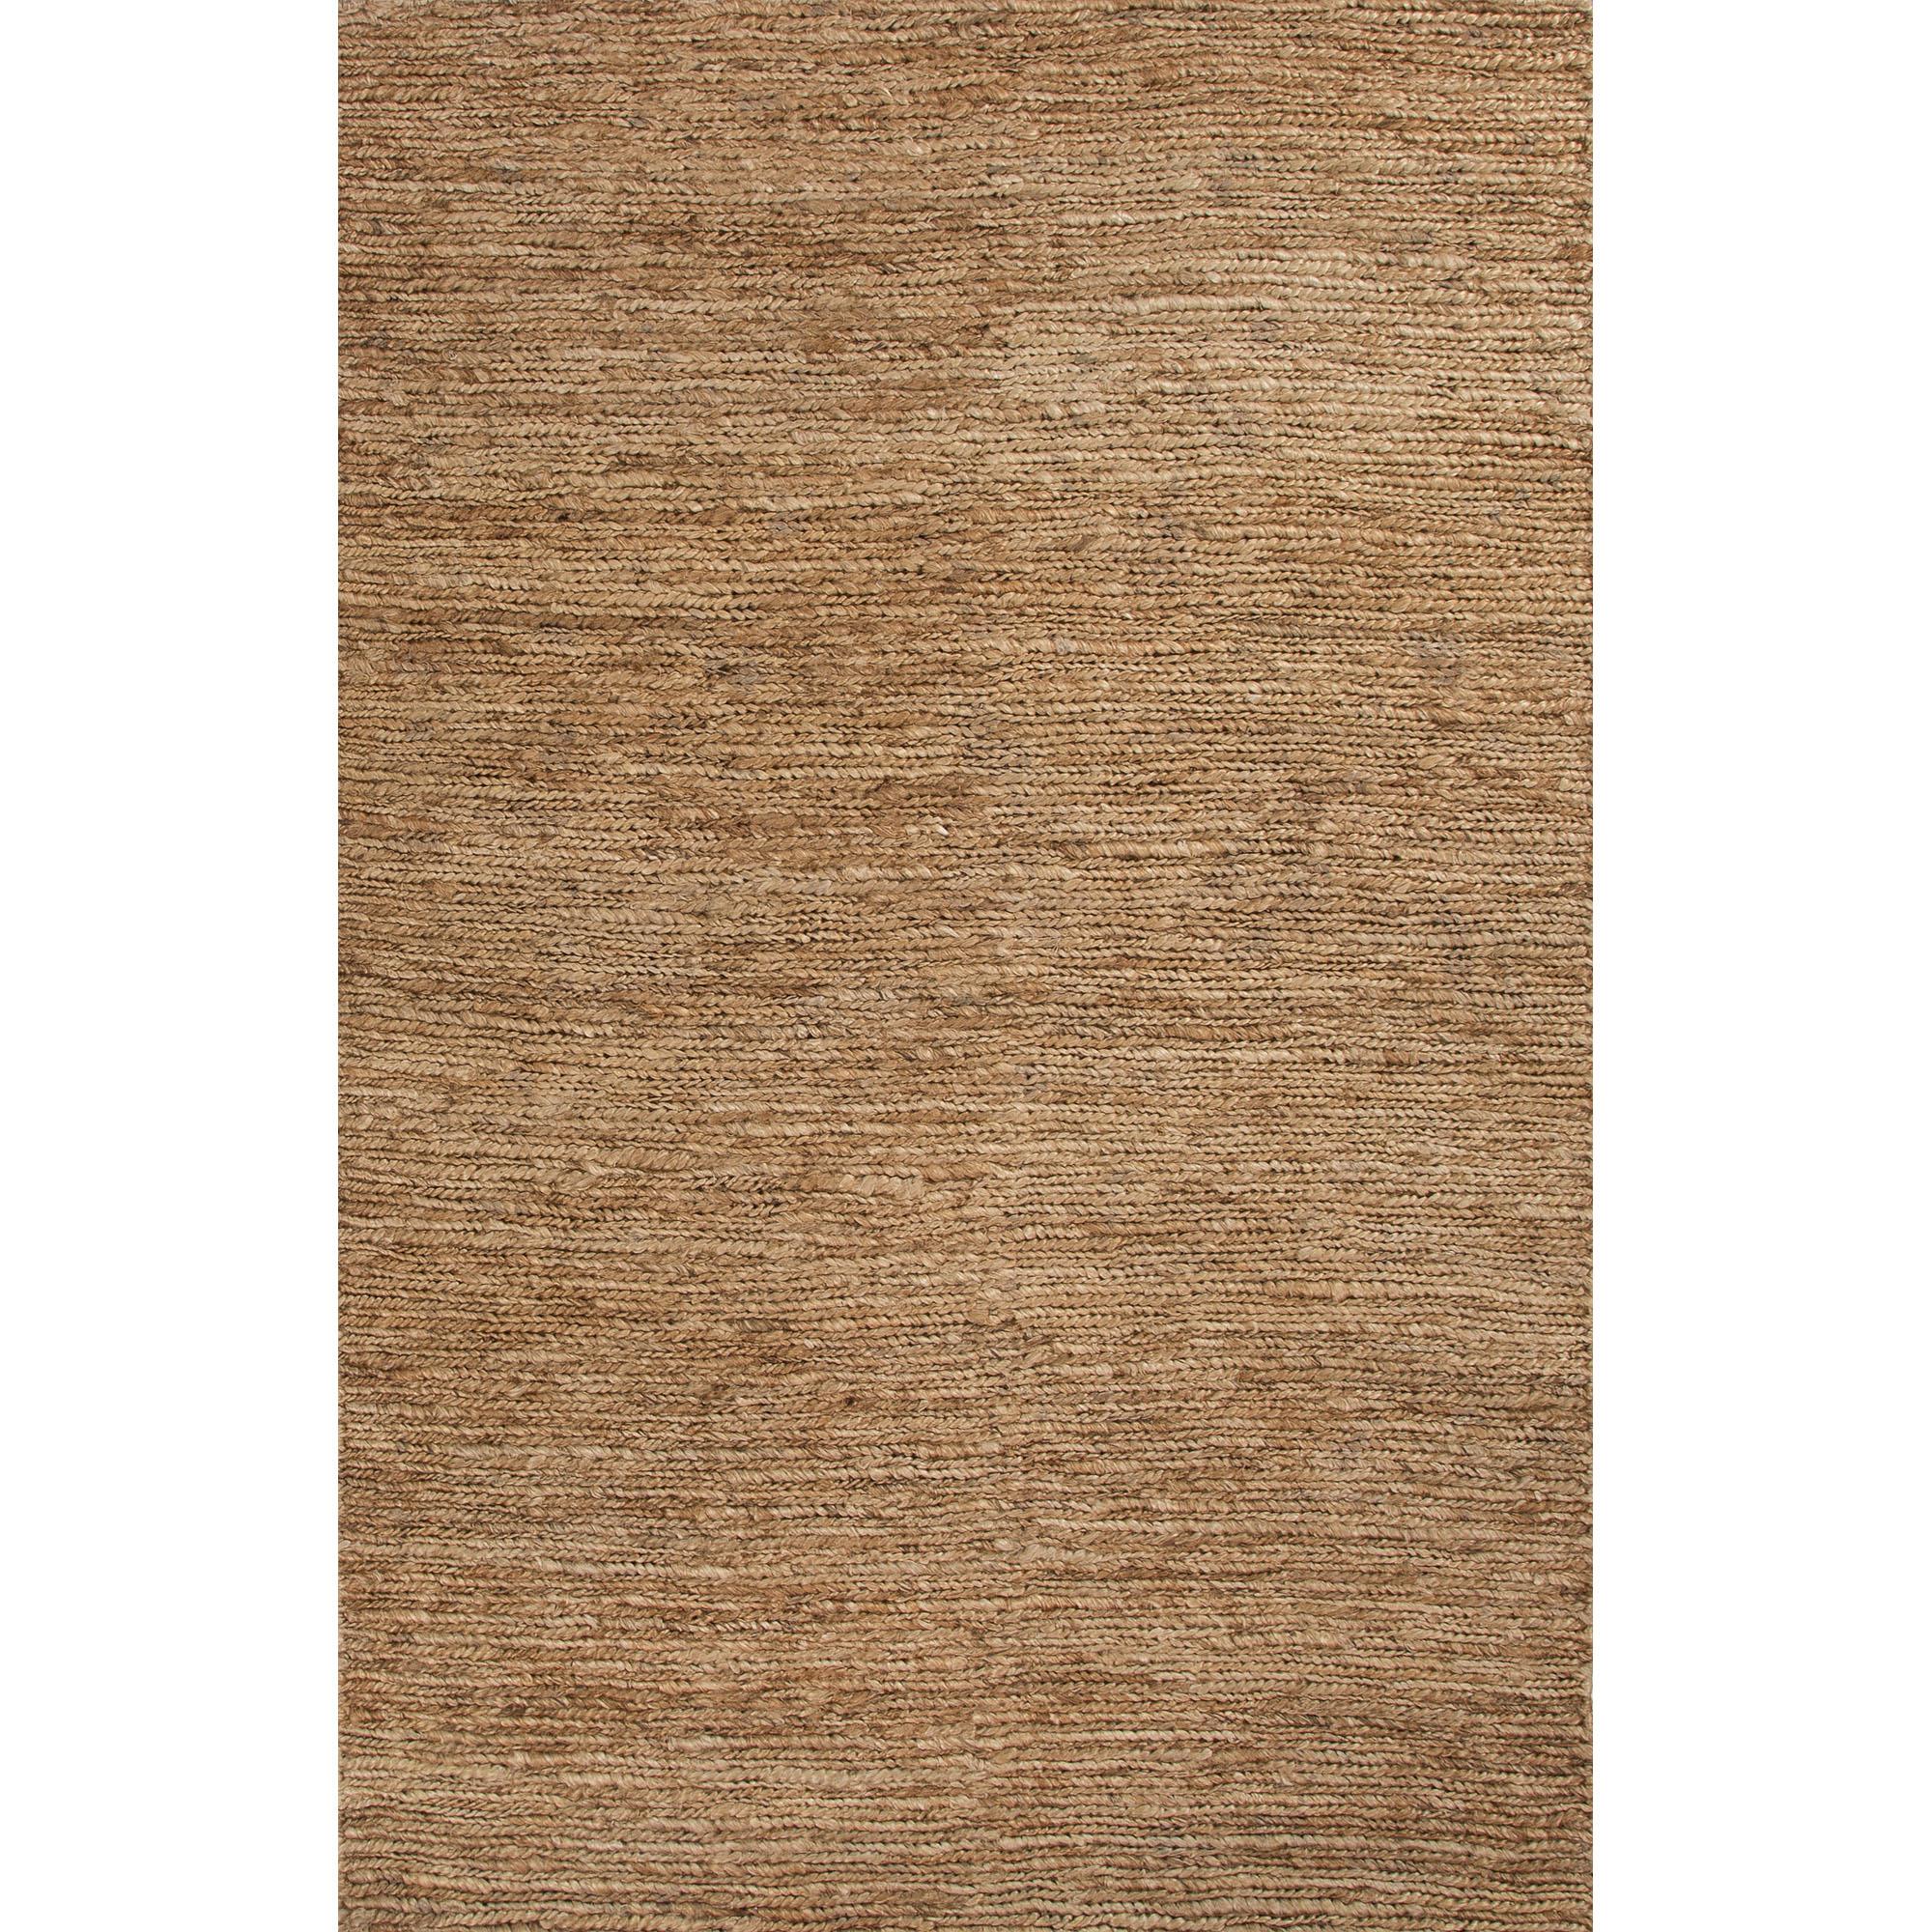 JAIPUR Rugs Hula 3.6 x 5.6 Rug - Item Number: RUG116692